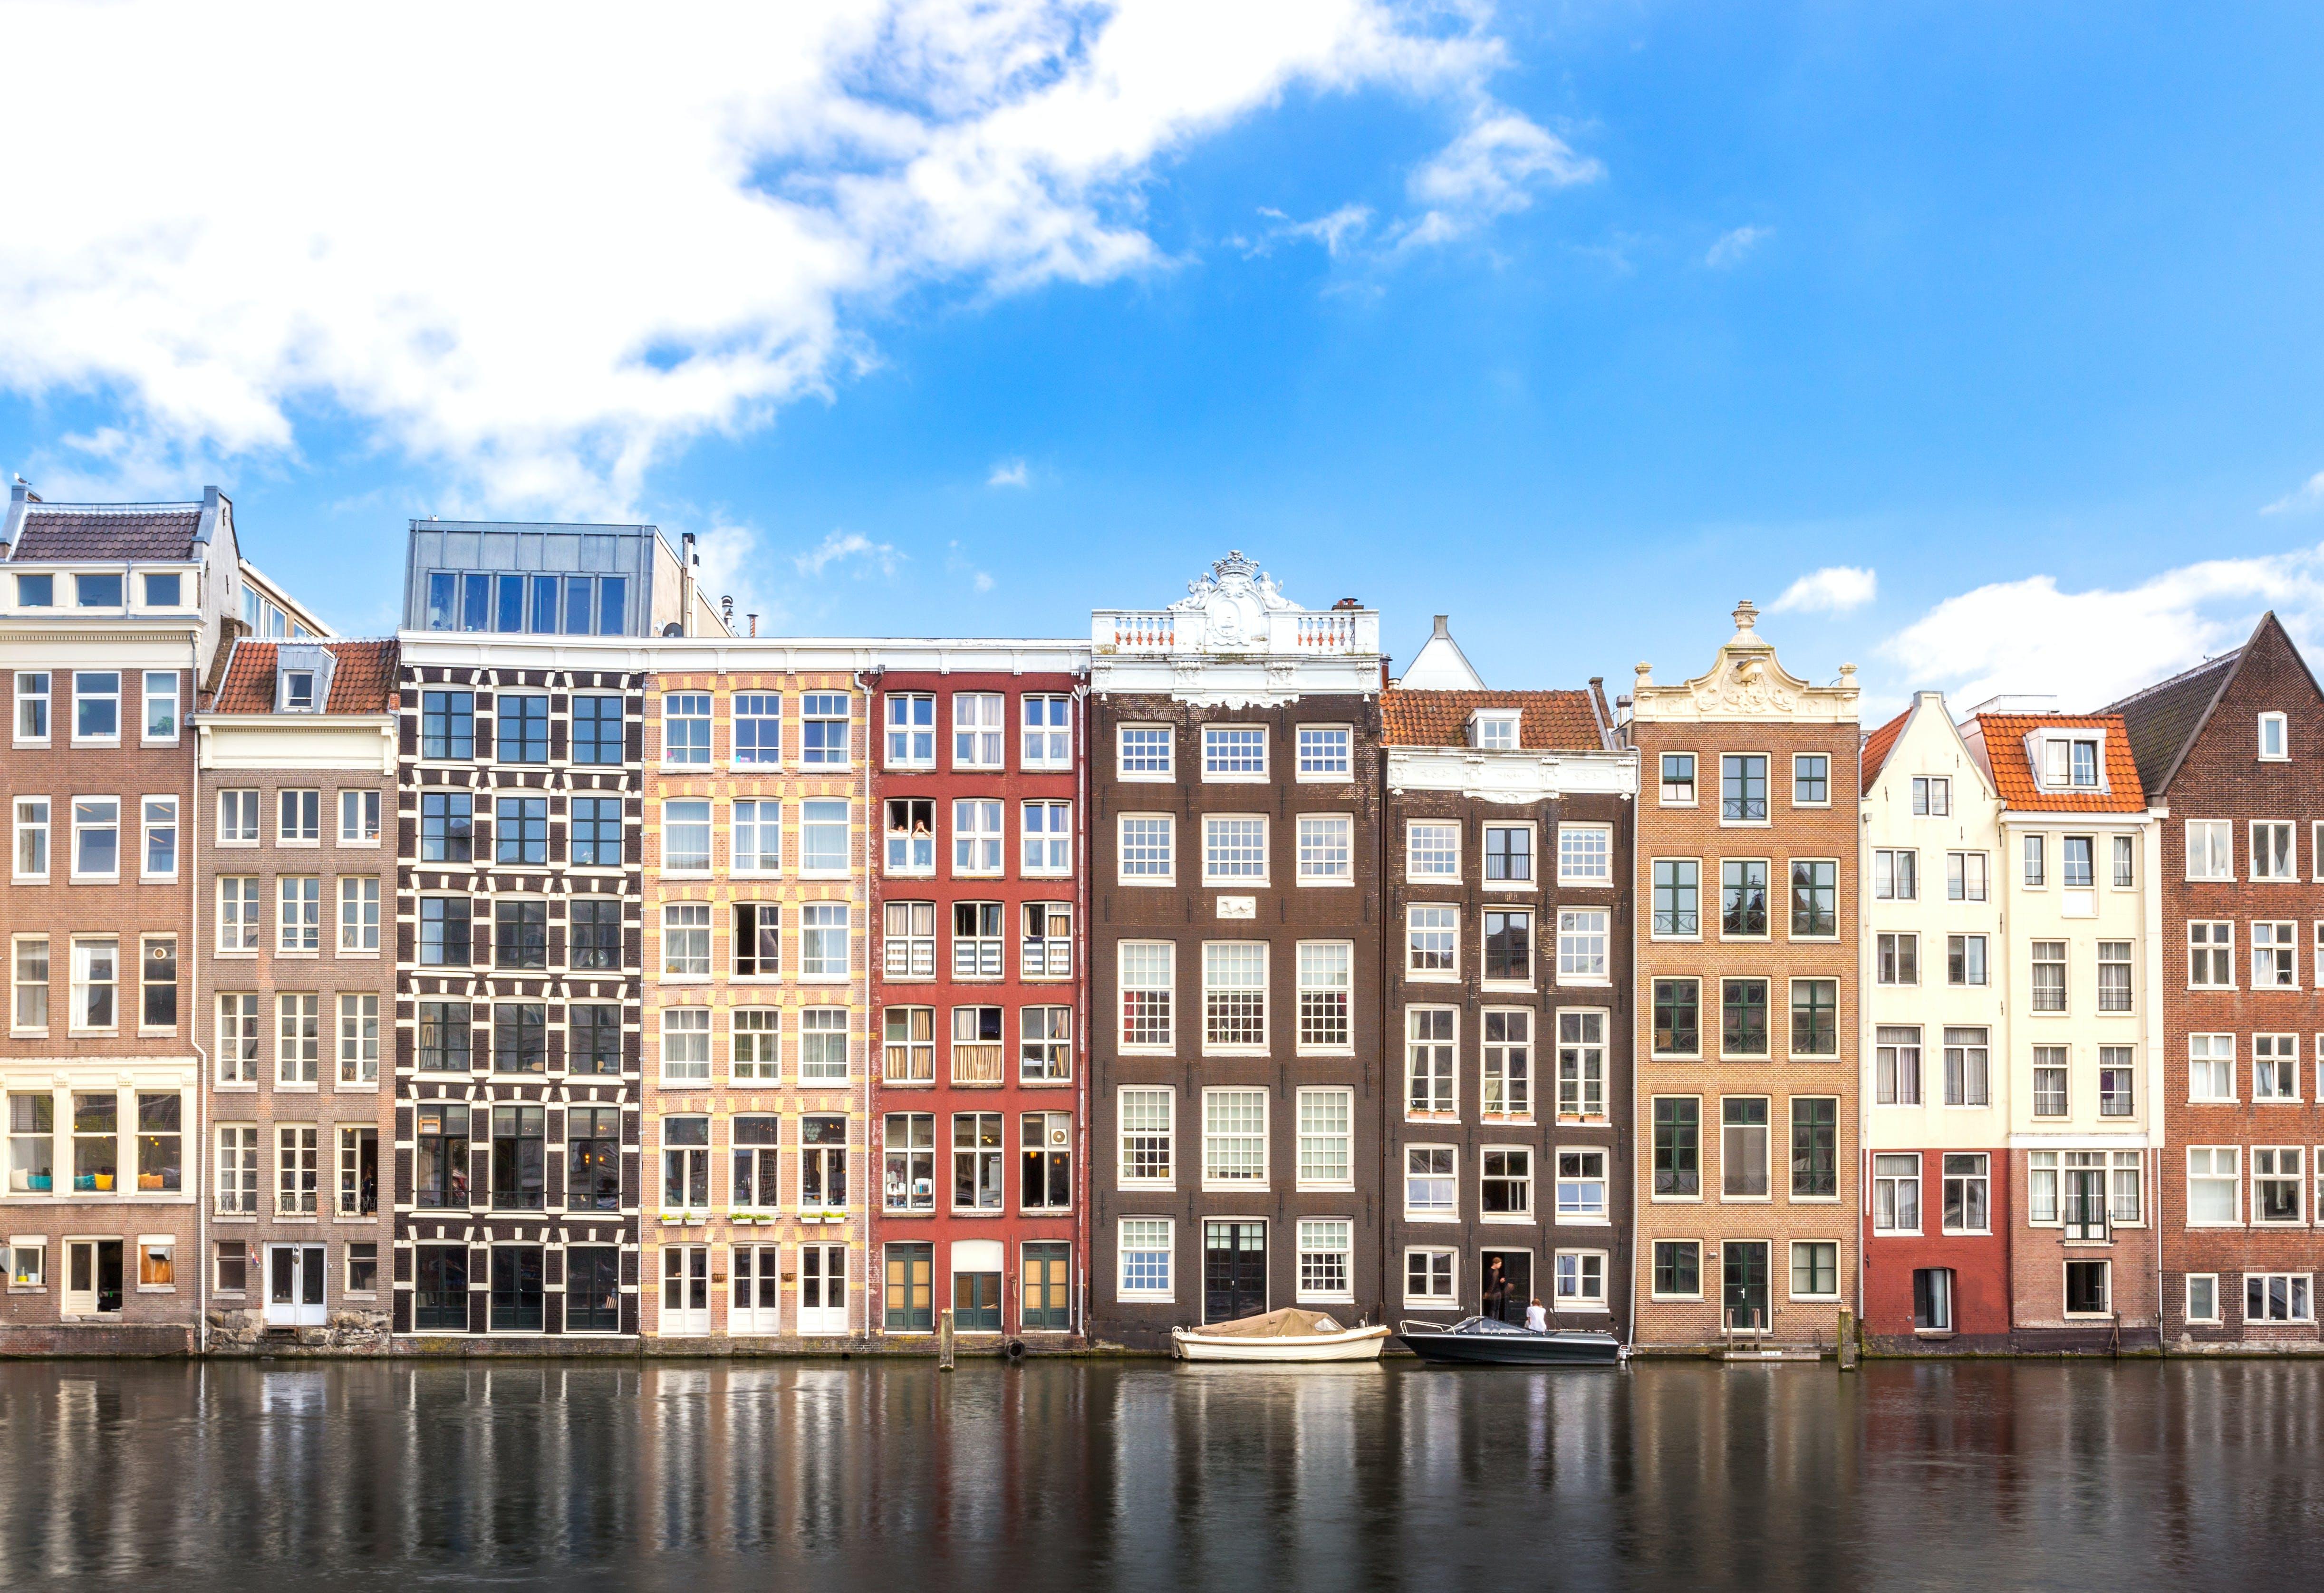 Kostenloses Stock Foto zu architektur, fassade, gebäude, stadt